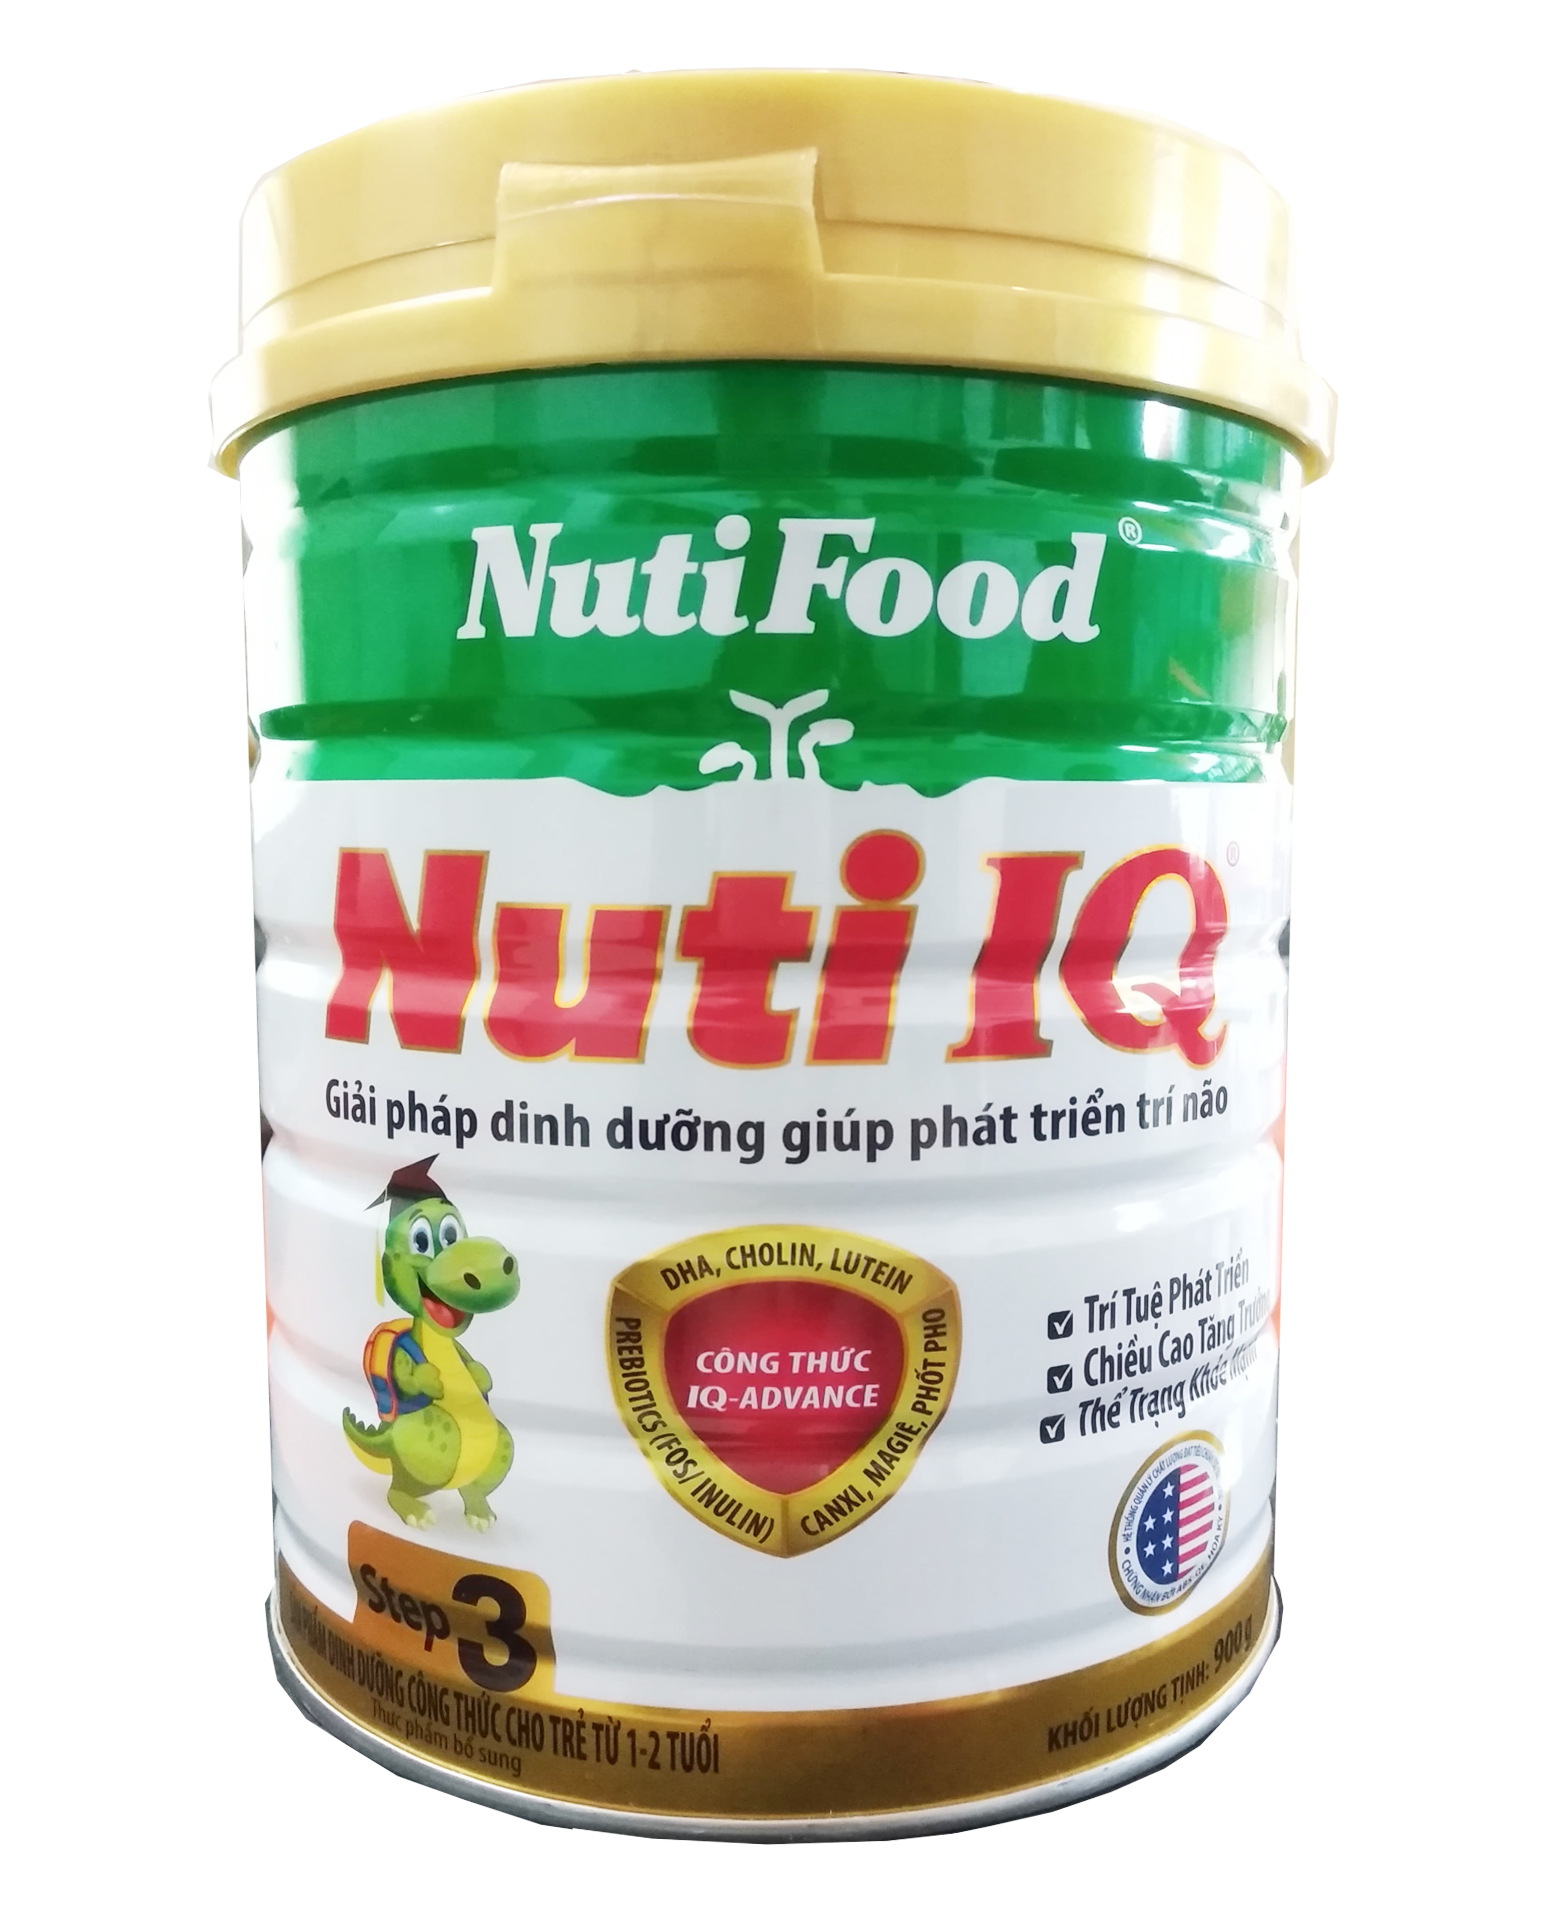 NUTI IQ STEP 3 900 gr : sữa tăng trưởng cho trẻ 1-2 tuổi với công thức IQ-Advance